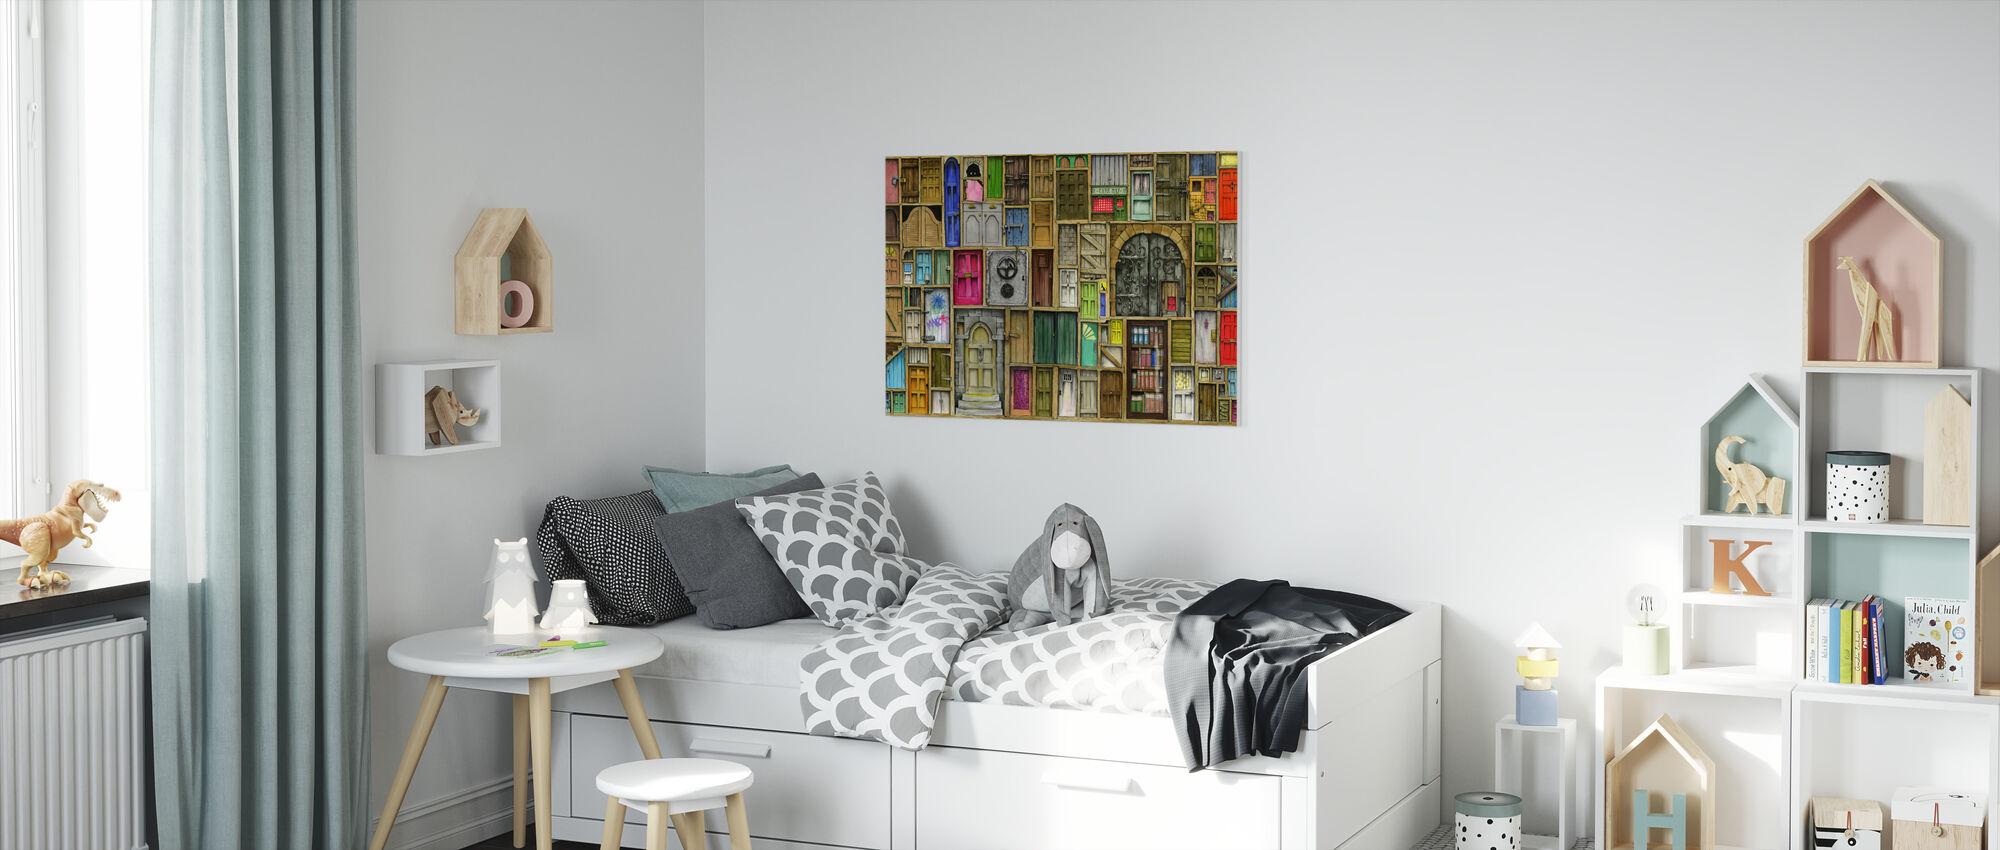 Deuren gesloten - Canvas print - Kinderkamer